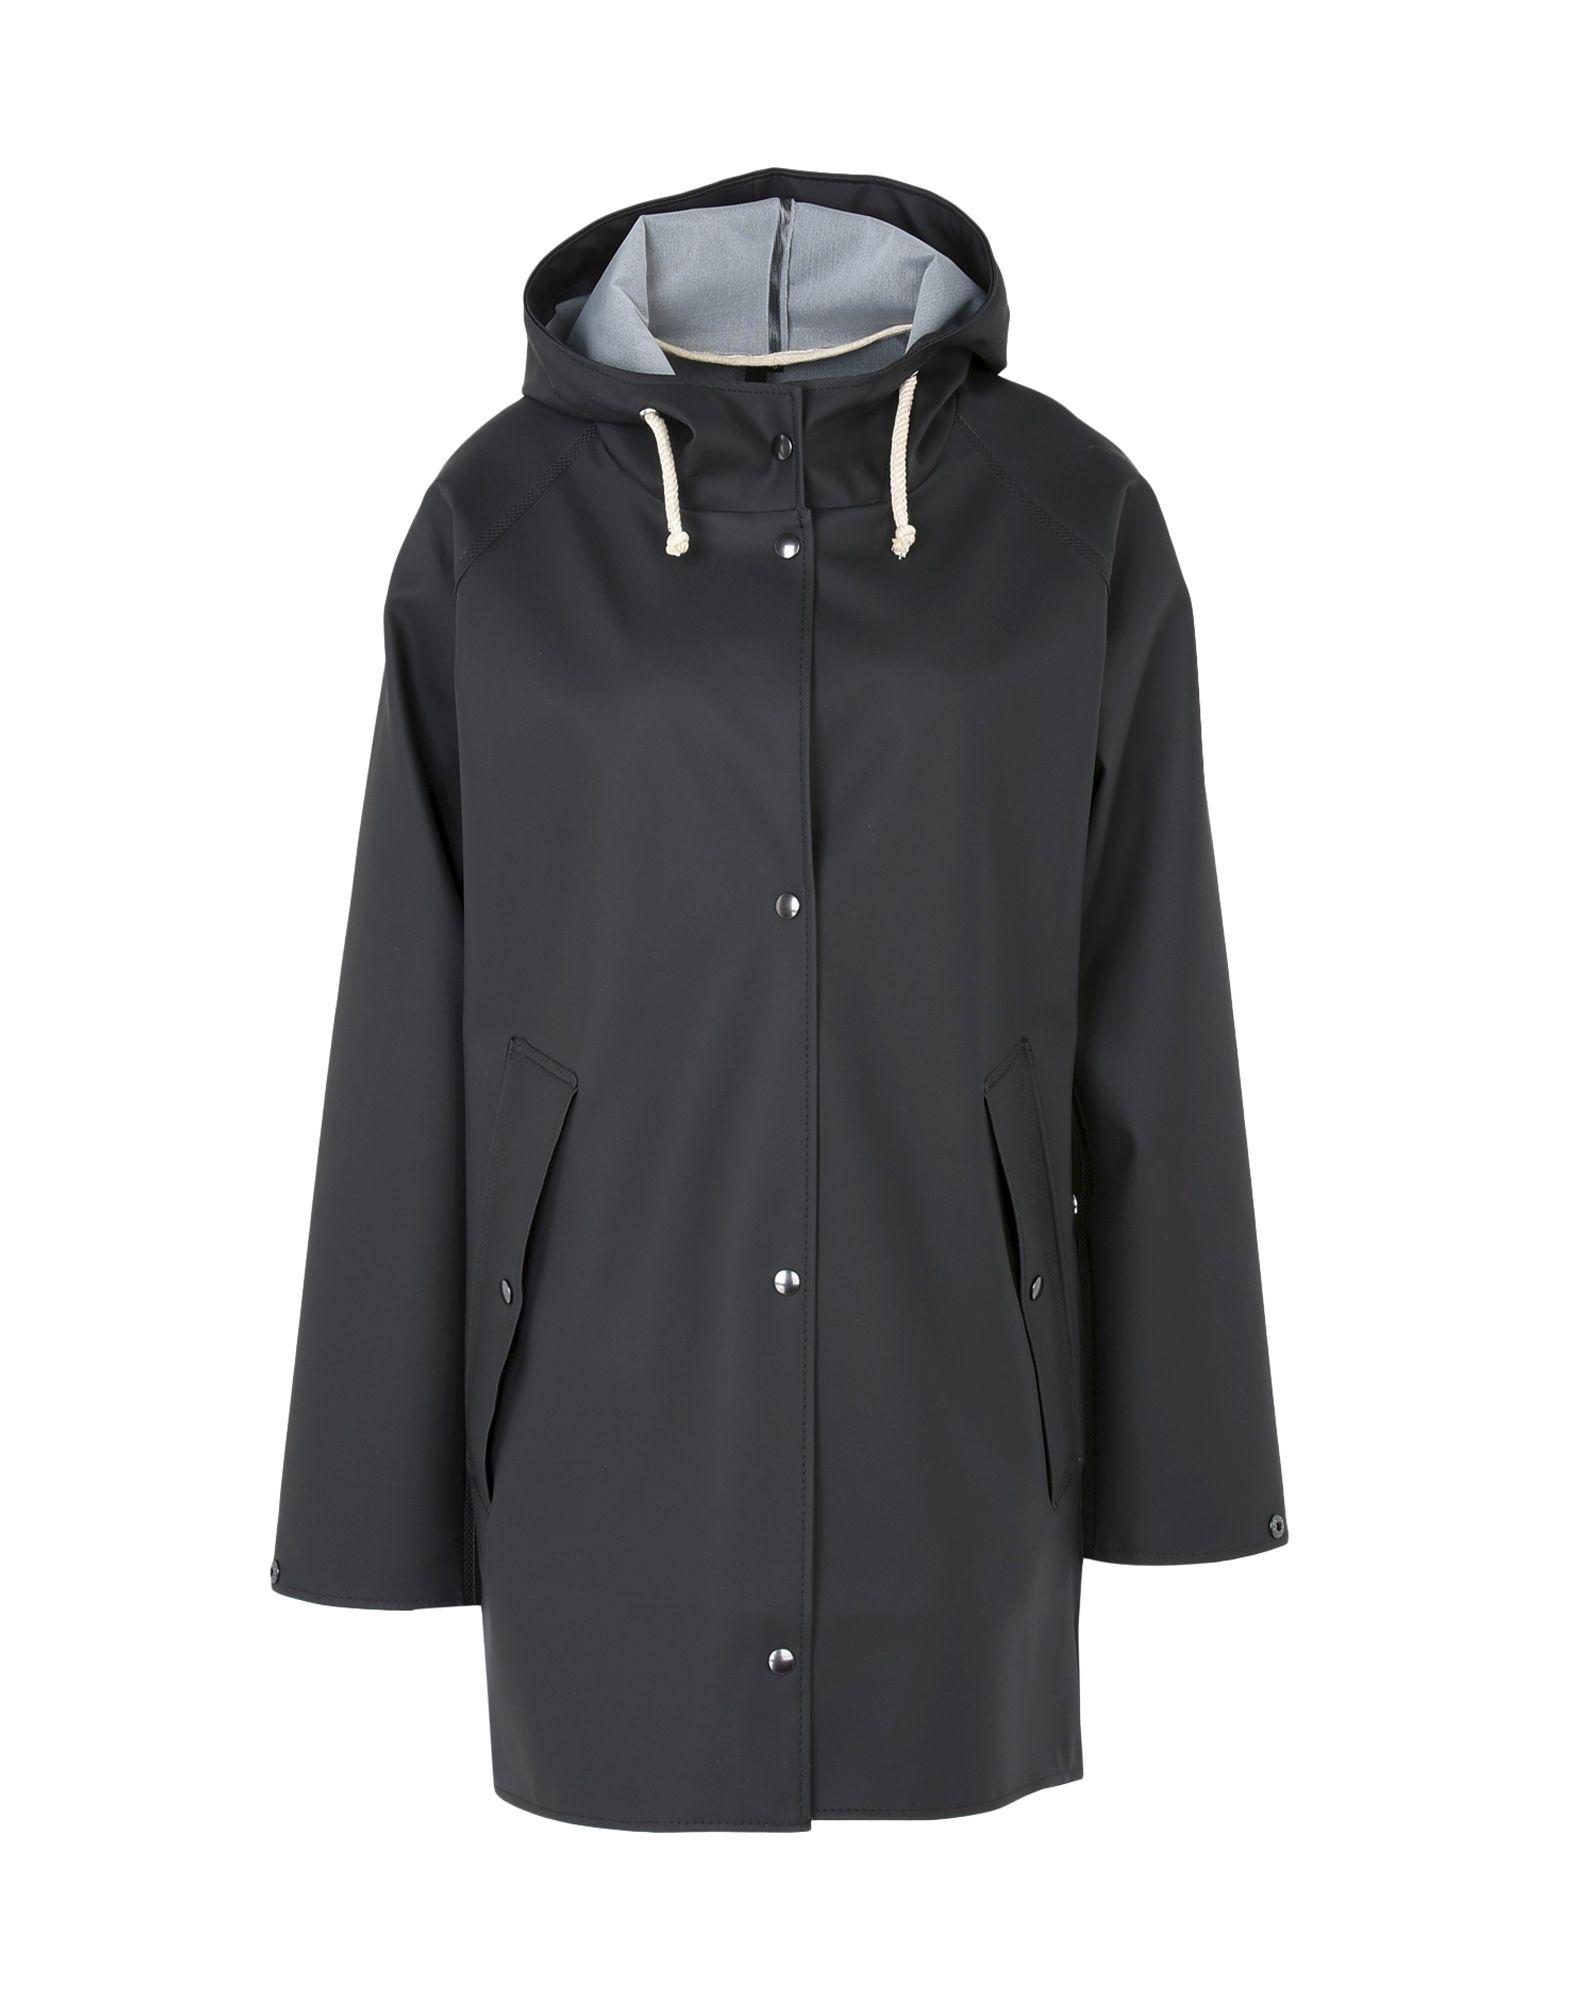 ELKA Full-Length Jacket in Black